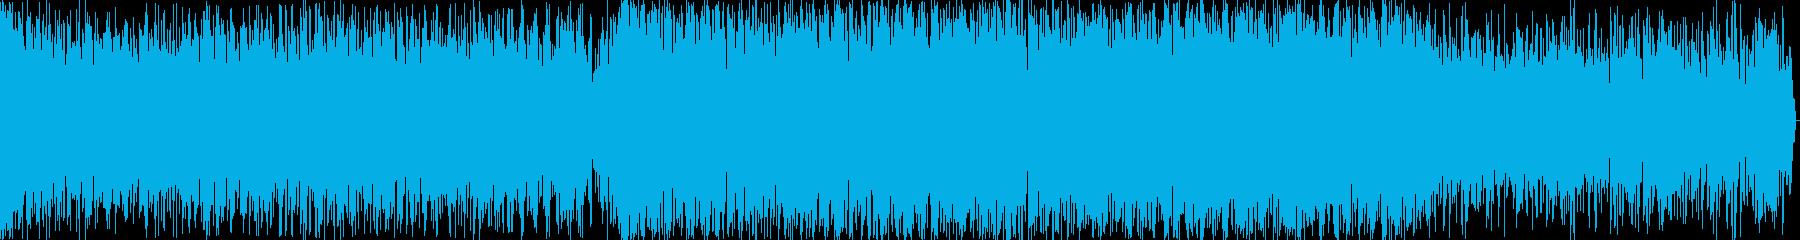 近未来的イメージのEDM楽曲の再生済みの波形